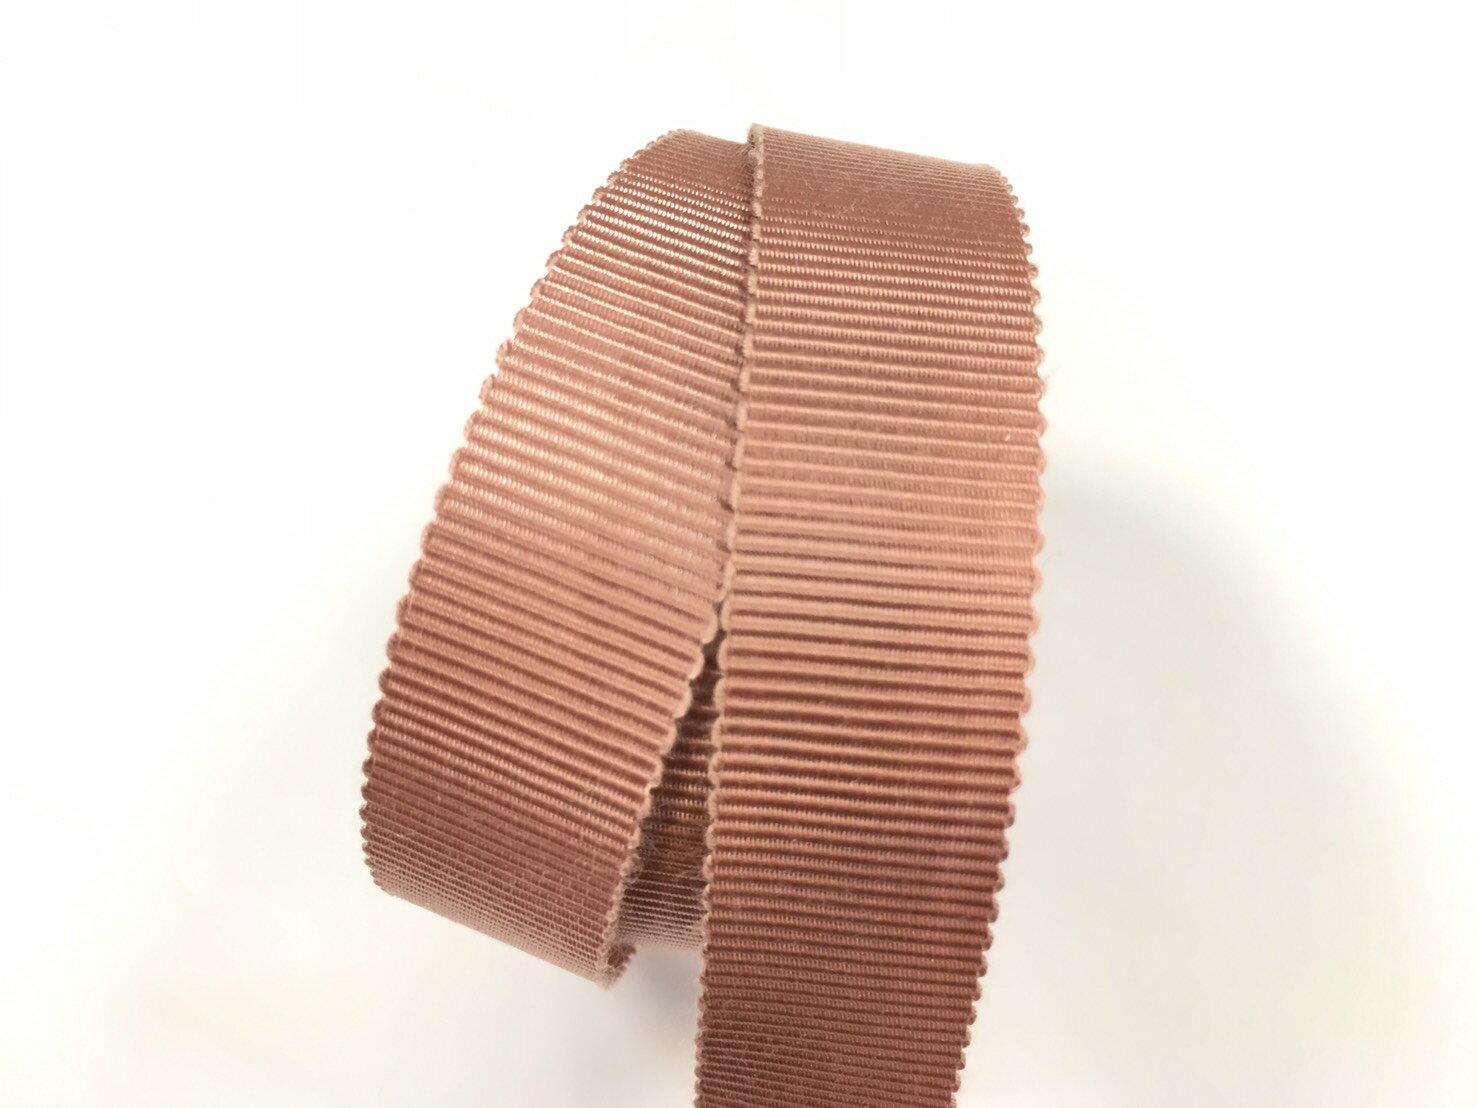 迴紋帶 羅紋緞帶 15mm 3碼 (22色) 日本製造台灣包裝 4